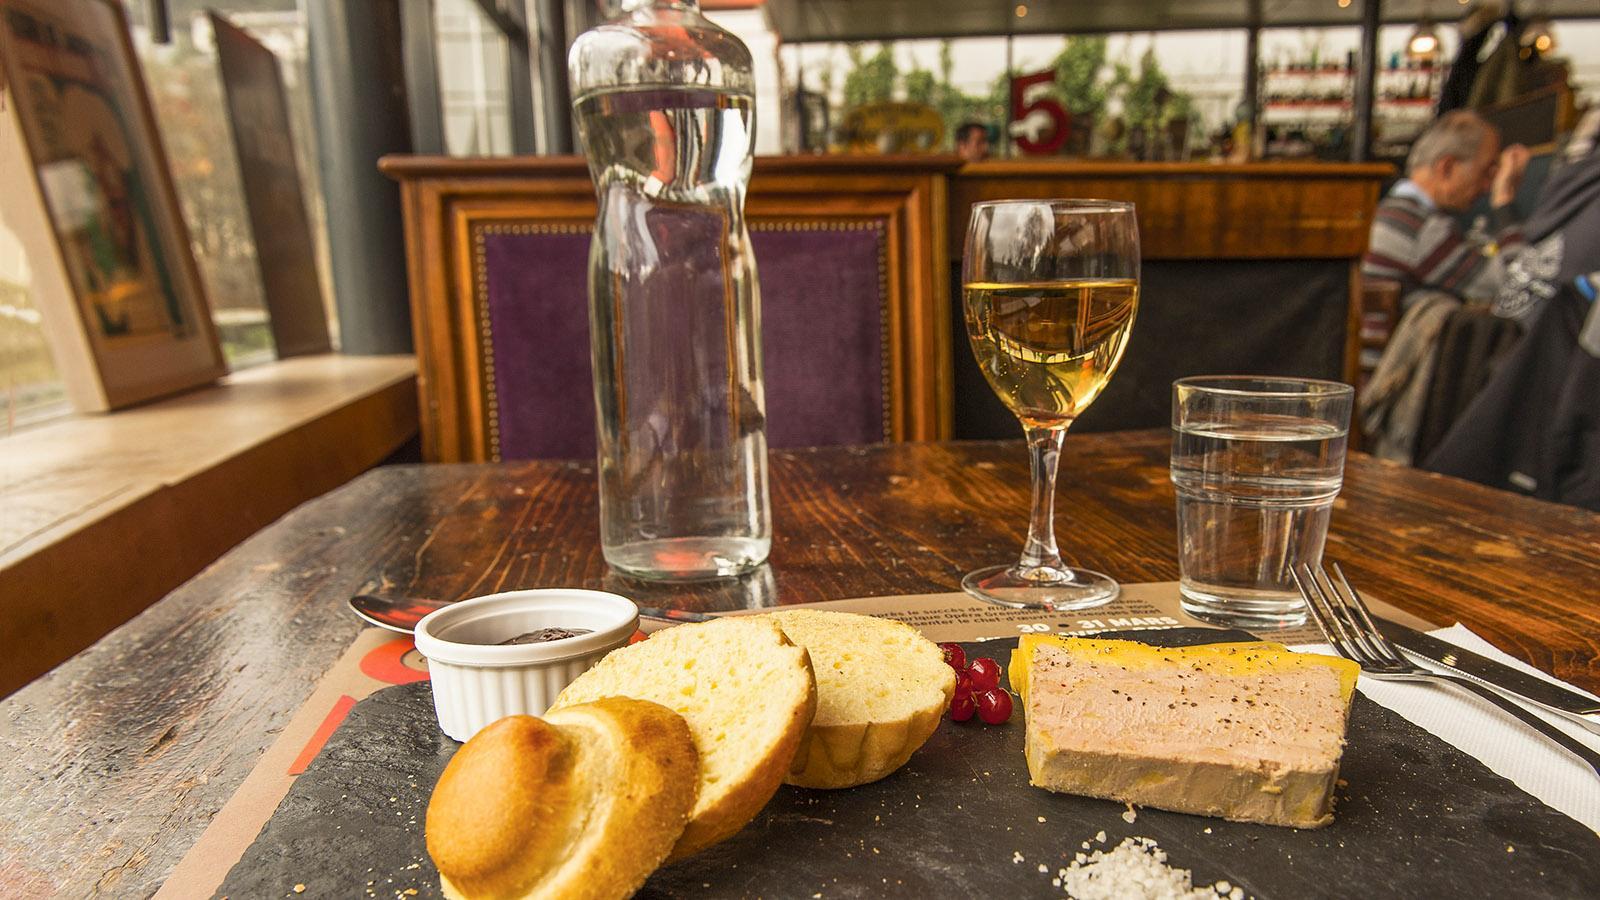 Für Franzosen nicht wegzudenken aus ihrer Küche: Stopfleber, foie gras. Foto: Hilke Maunder